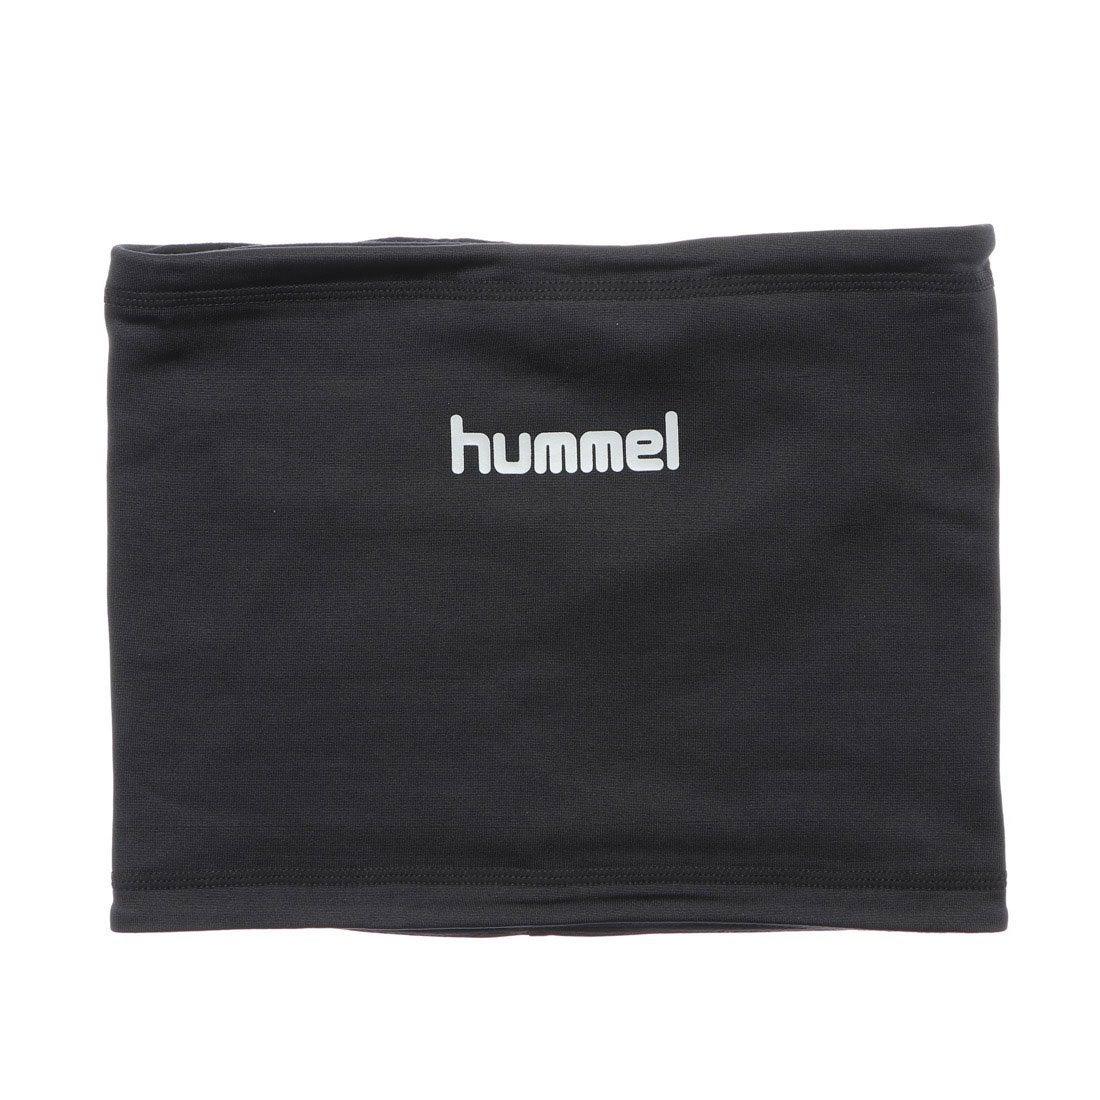 ロコンド 靴とファッションの通販サイトヒュンメル hummel サッカー/フットサル ネックウォーマー アッタカネックウォーマー HFA3047